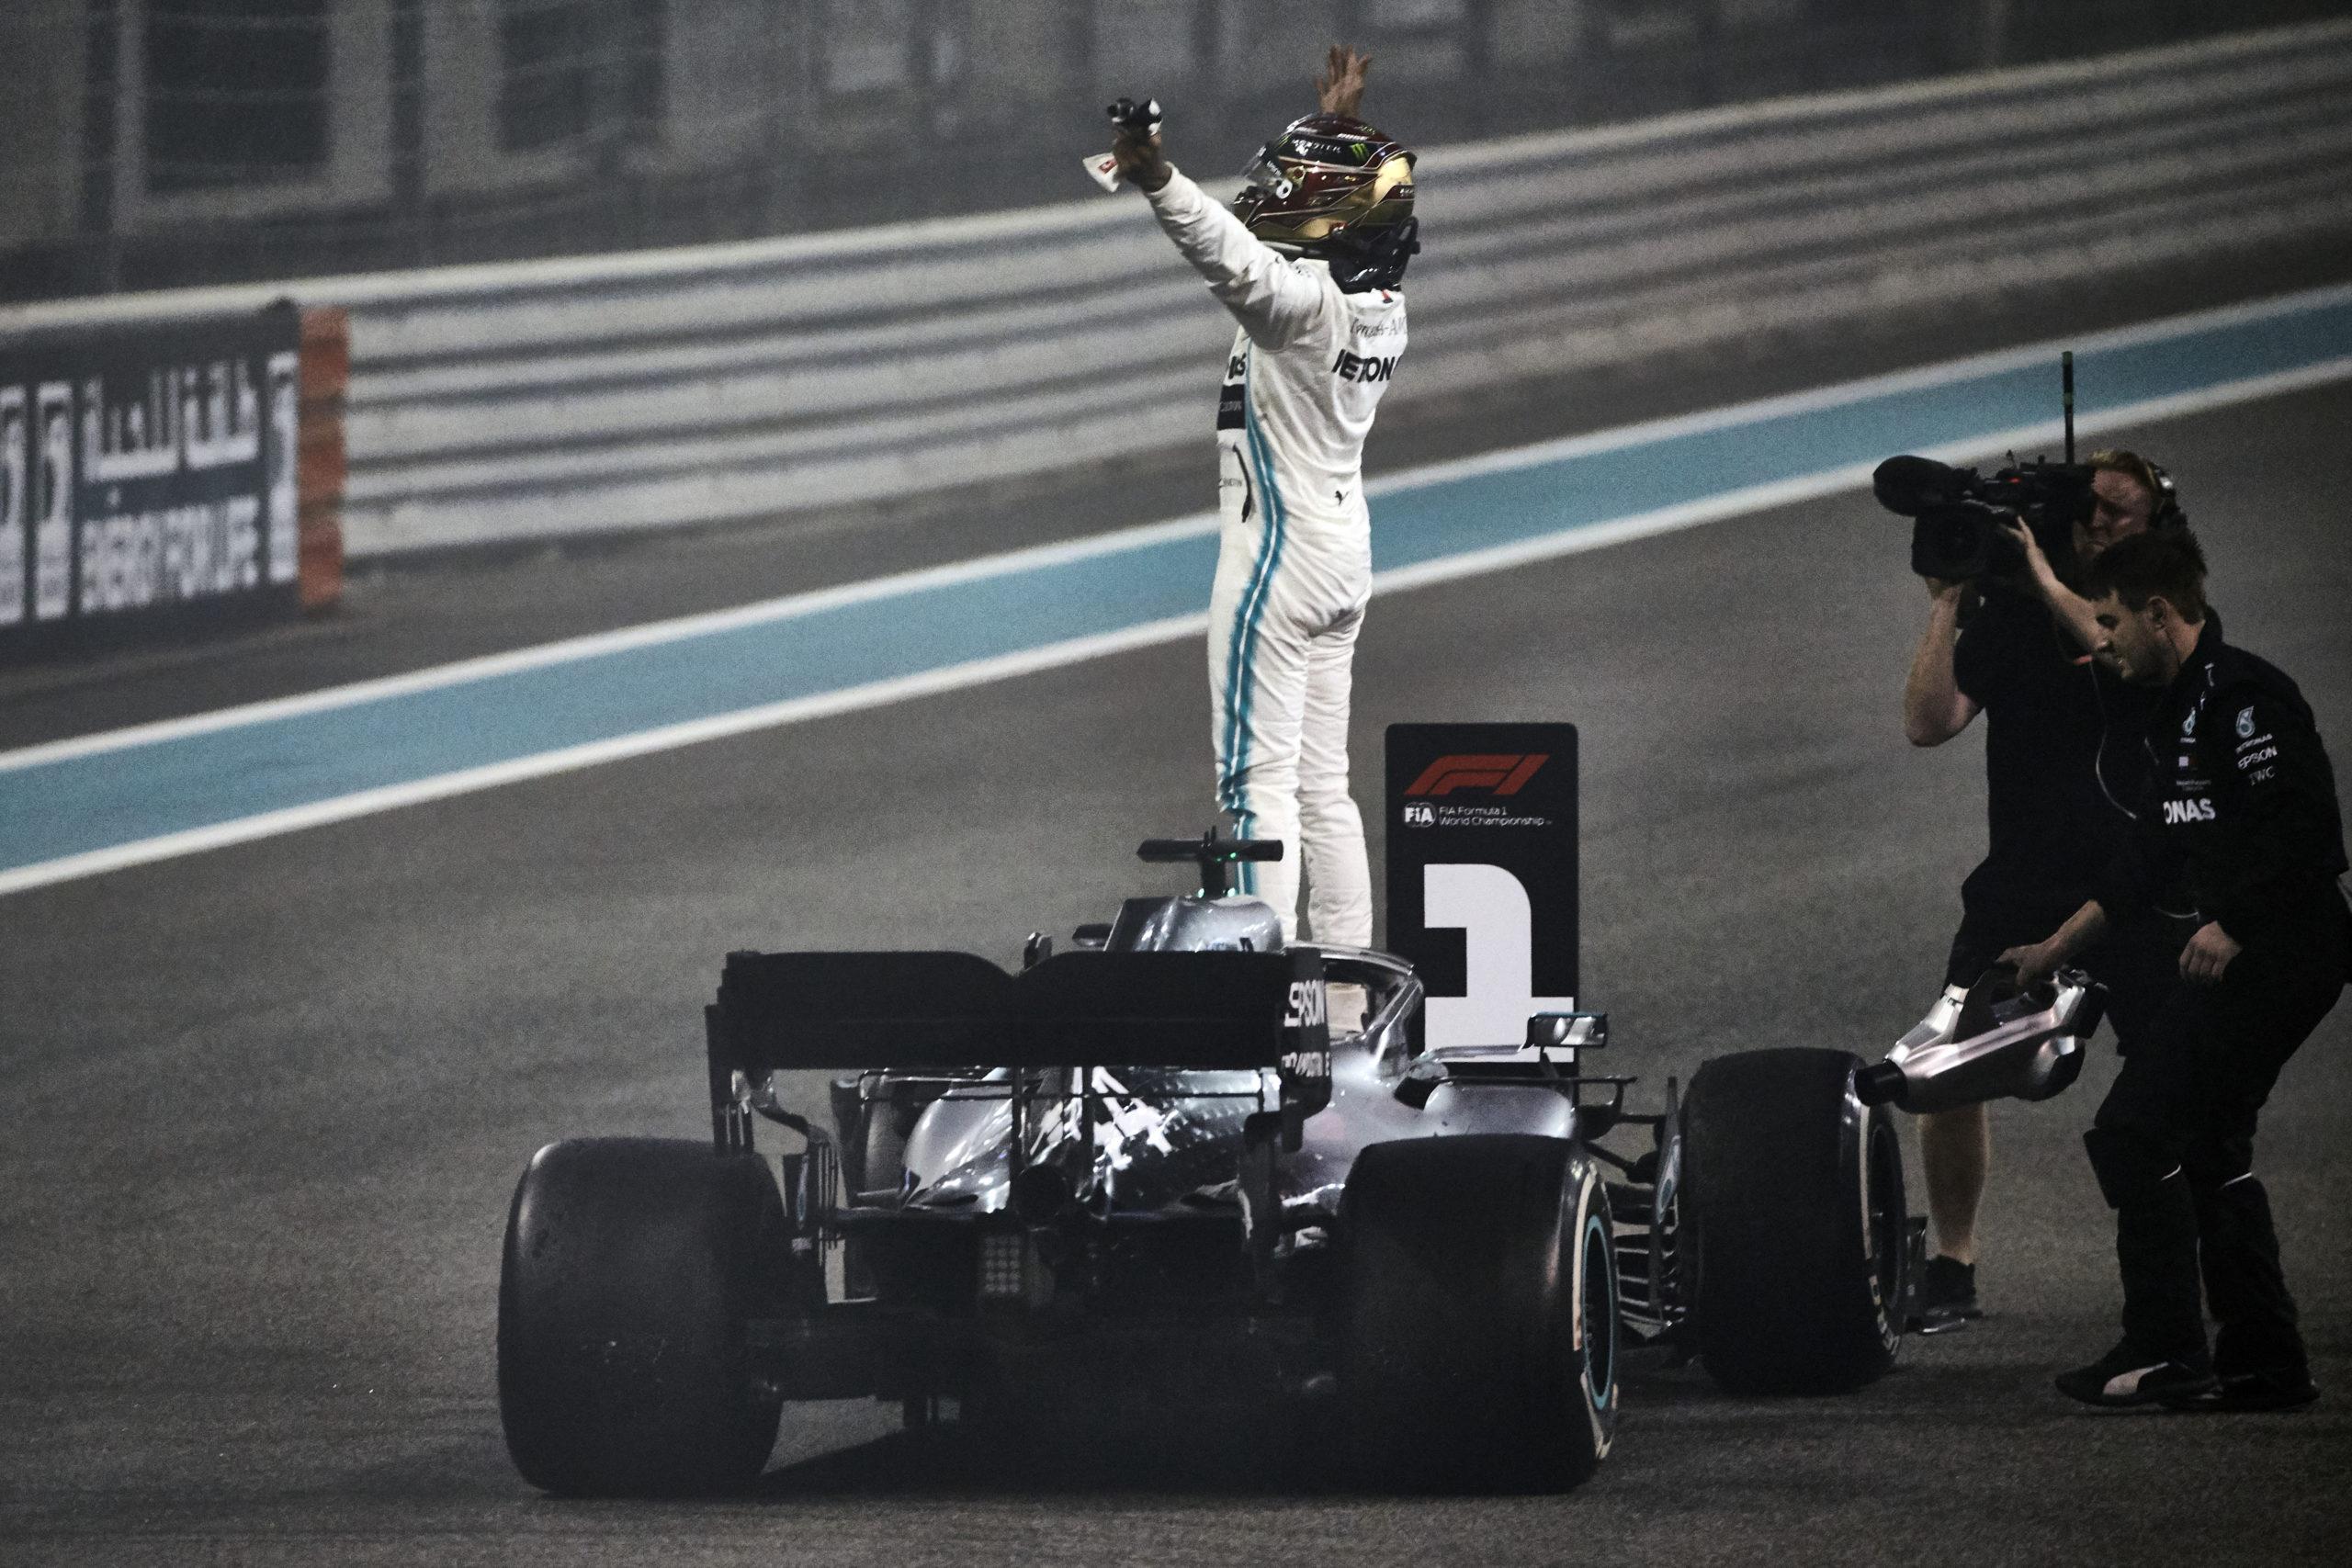 2019 Abu Dhabi Grand Prix, Sunday - Steve Etherington